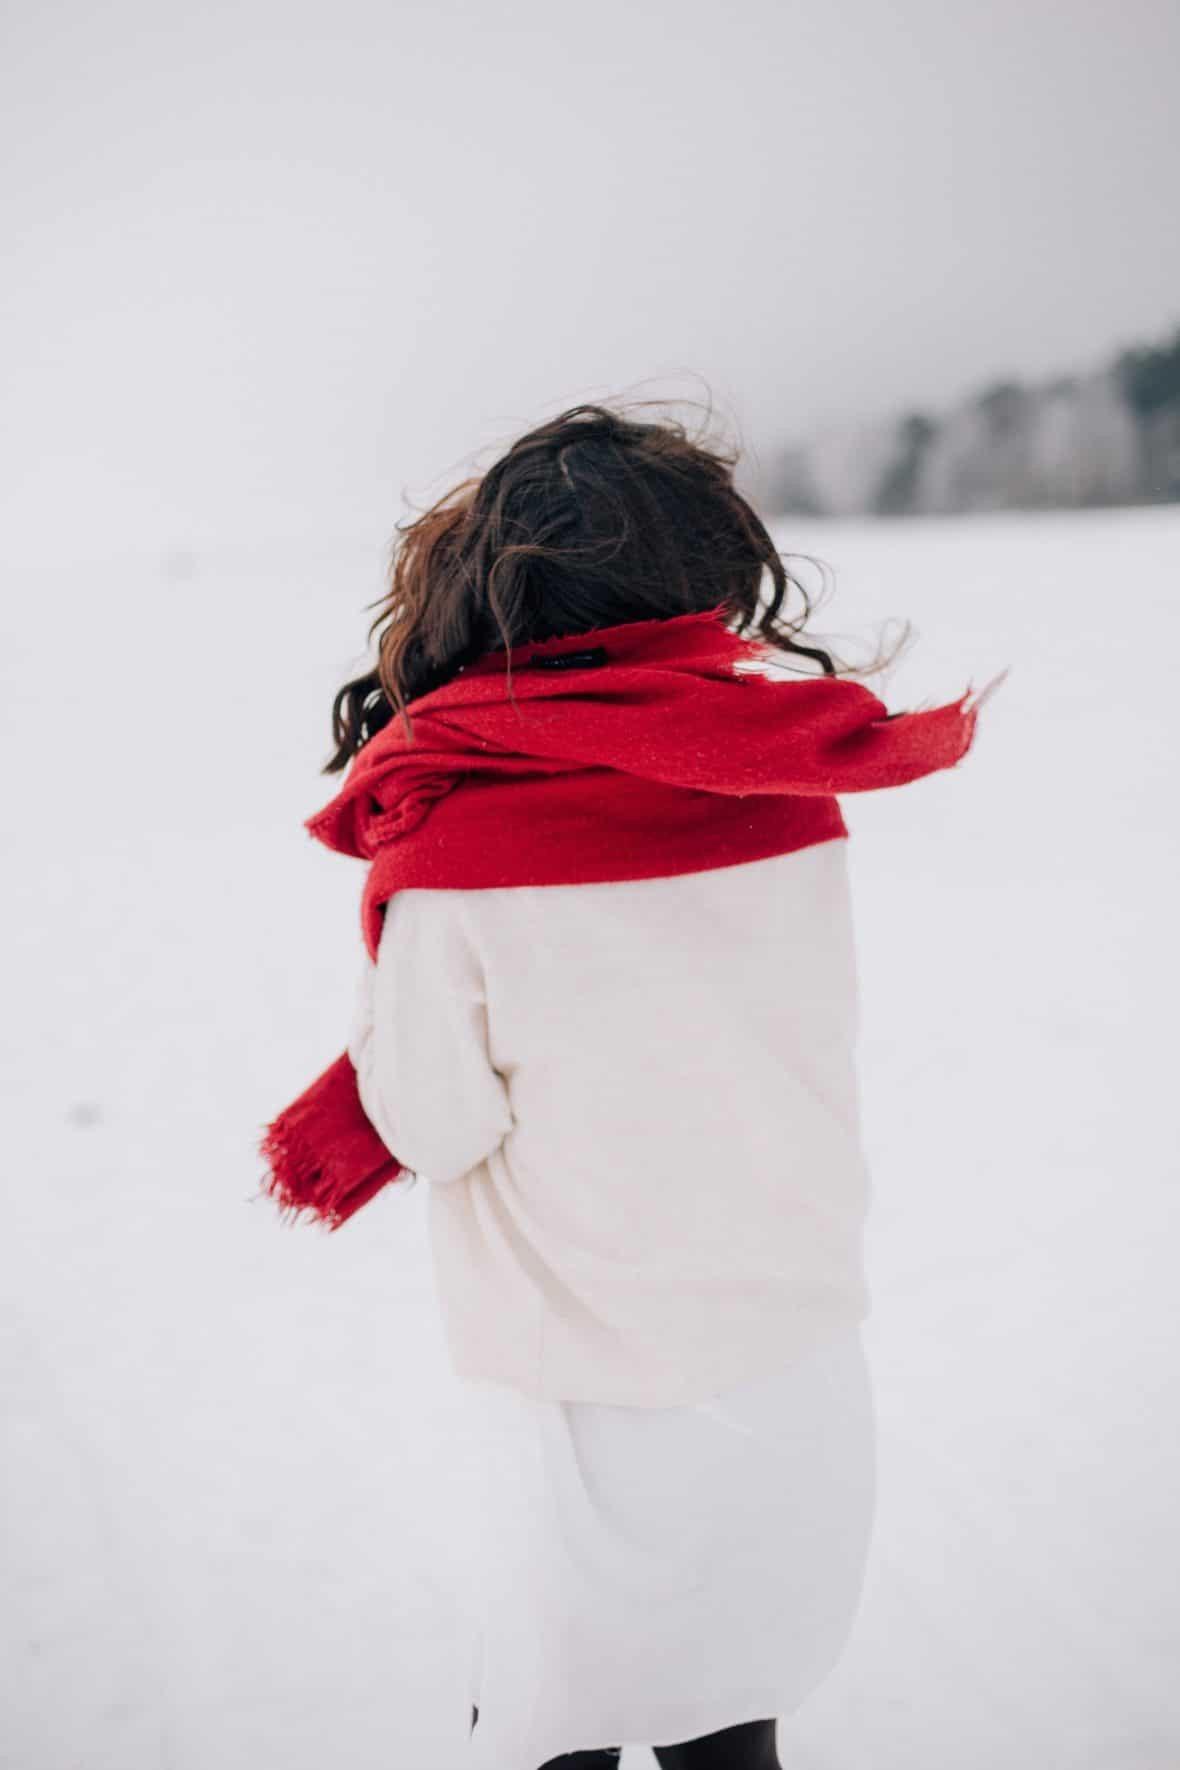 تنسيق اللون الأحمر في ملابس الشتاء - الكوفية باللون الأحمر